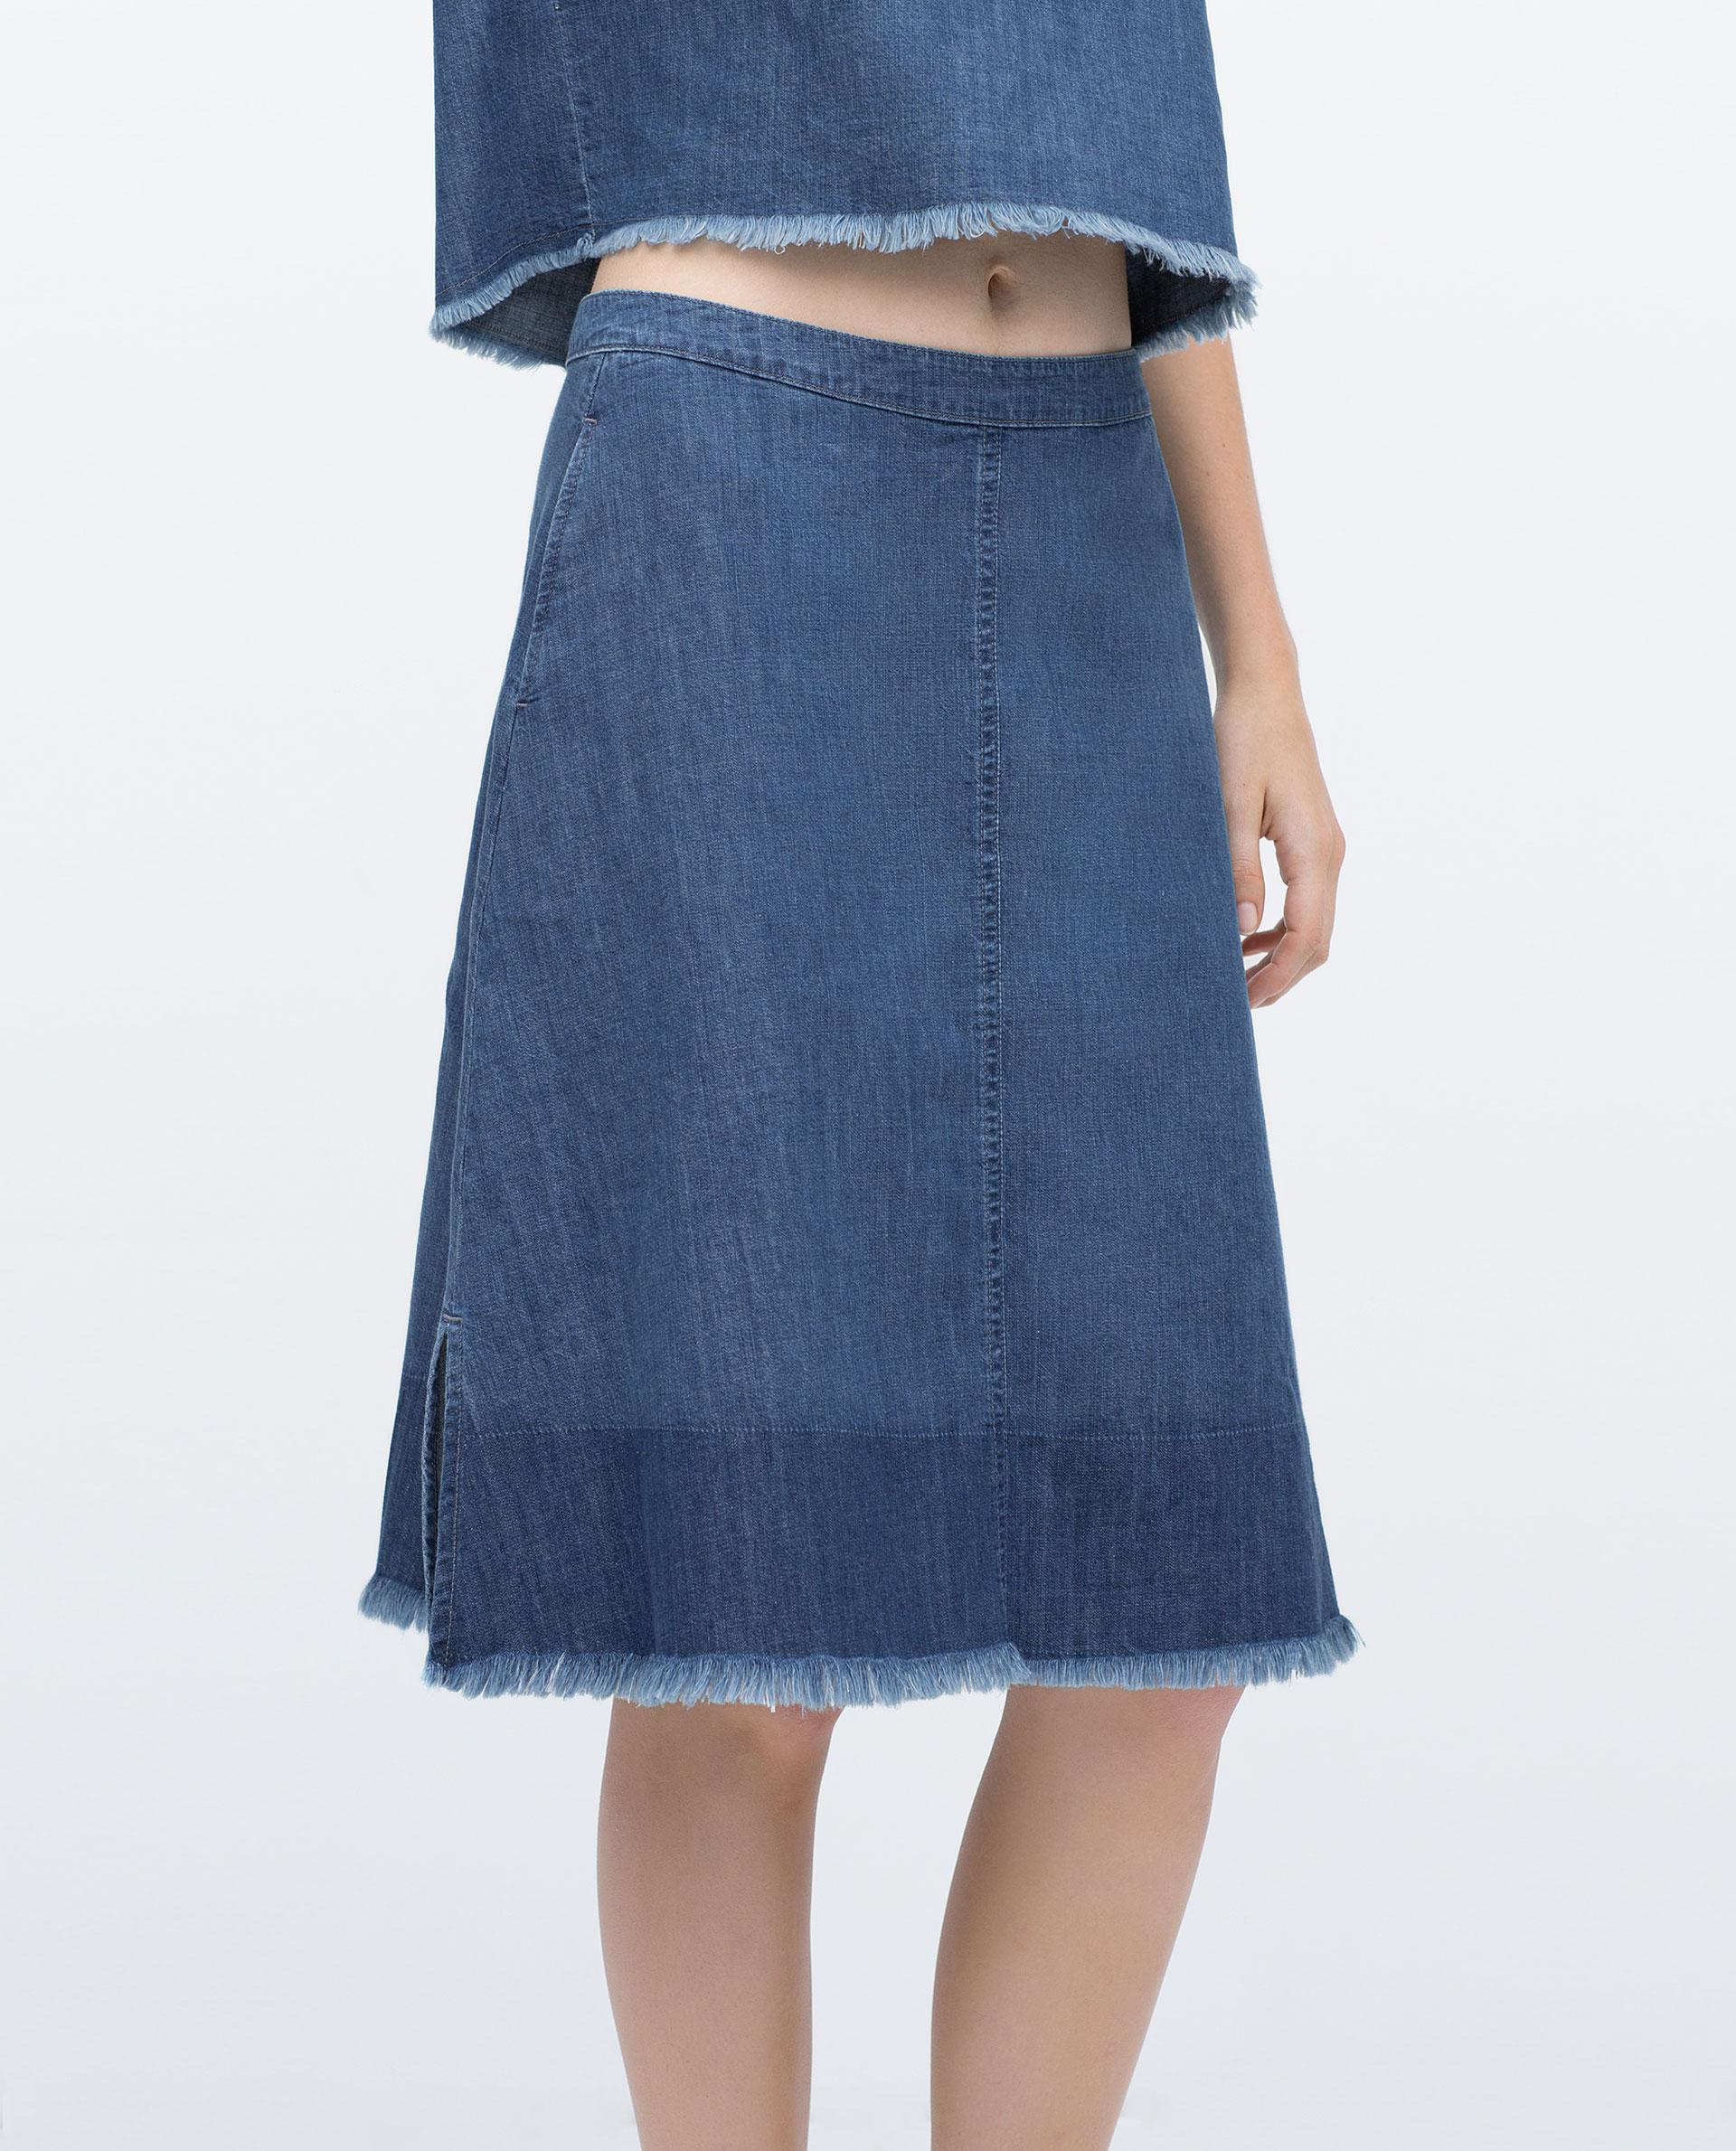 Zara Mid-length Frayed Denim Skirt in Blue | Lyst